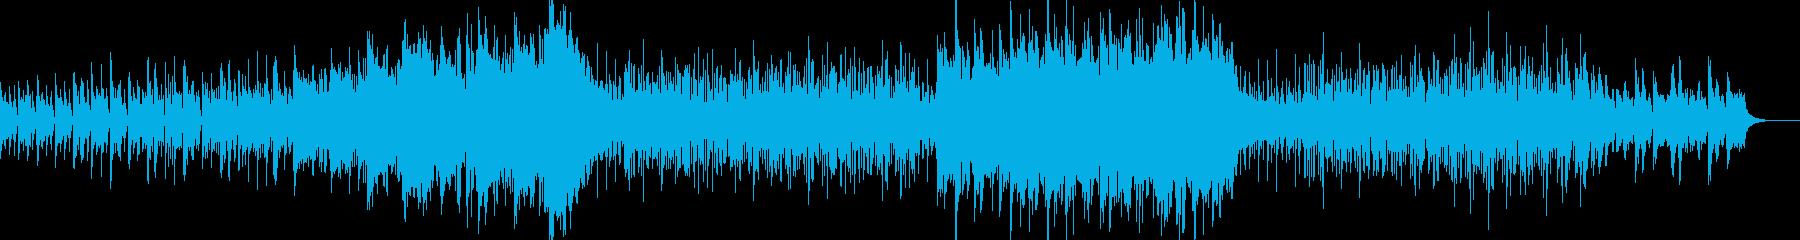 疾走感あるトランペット壮大曲の再生済みの波形